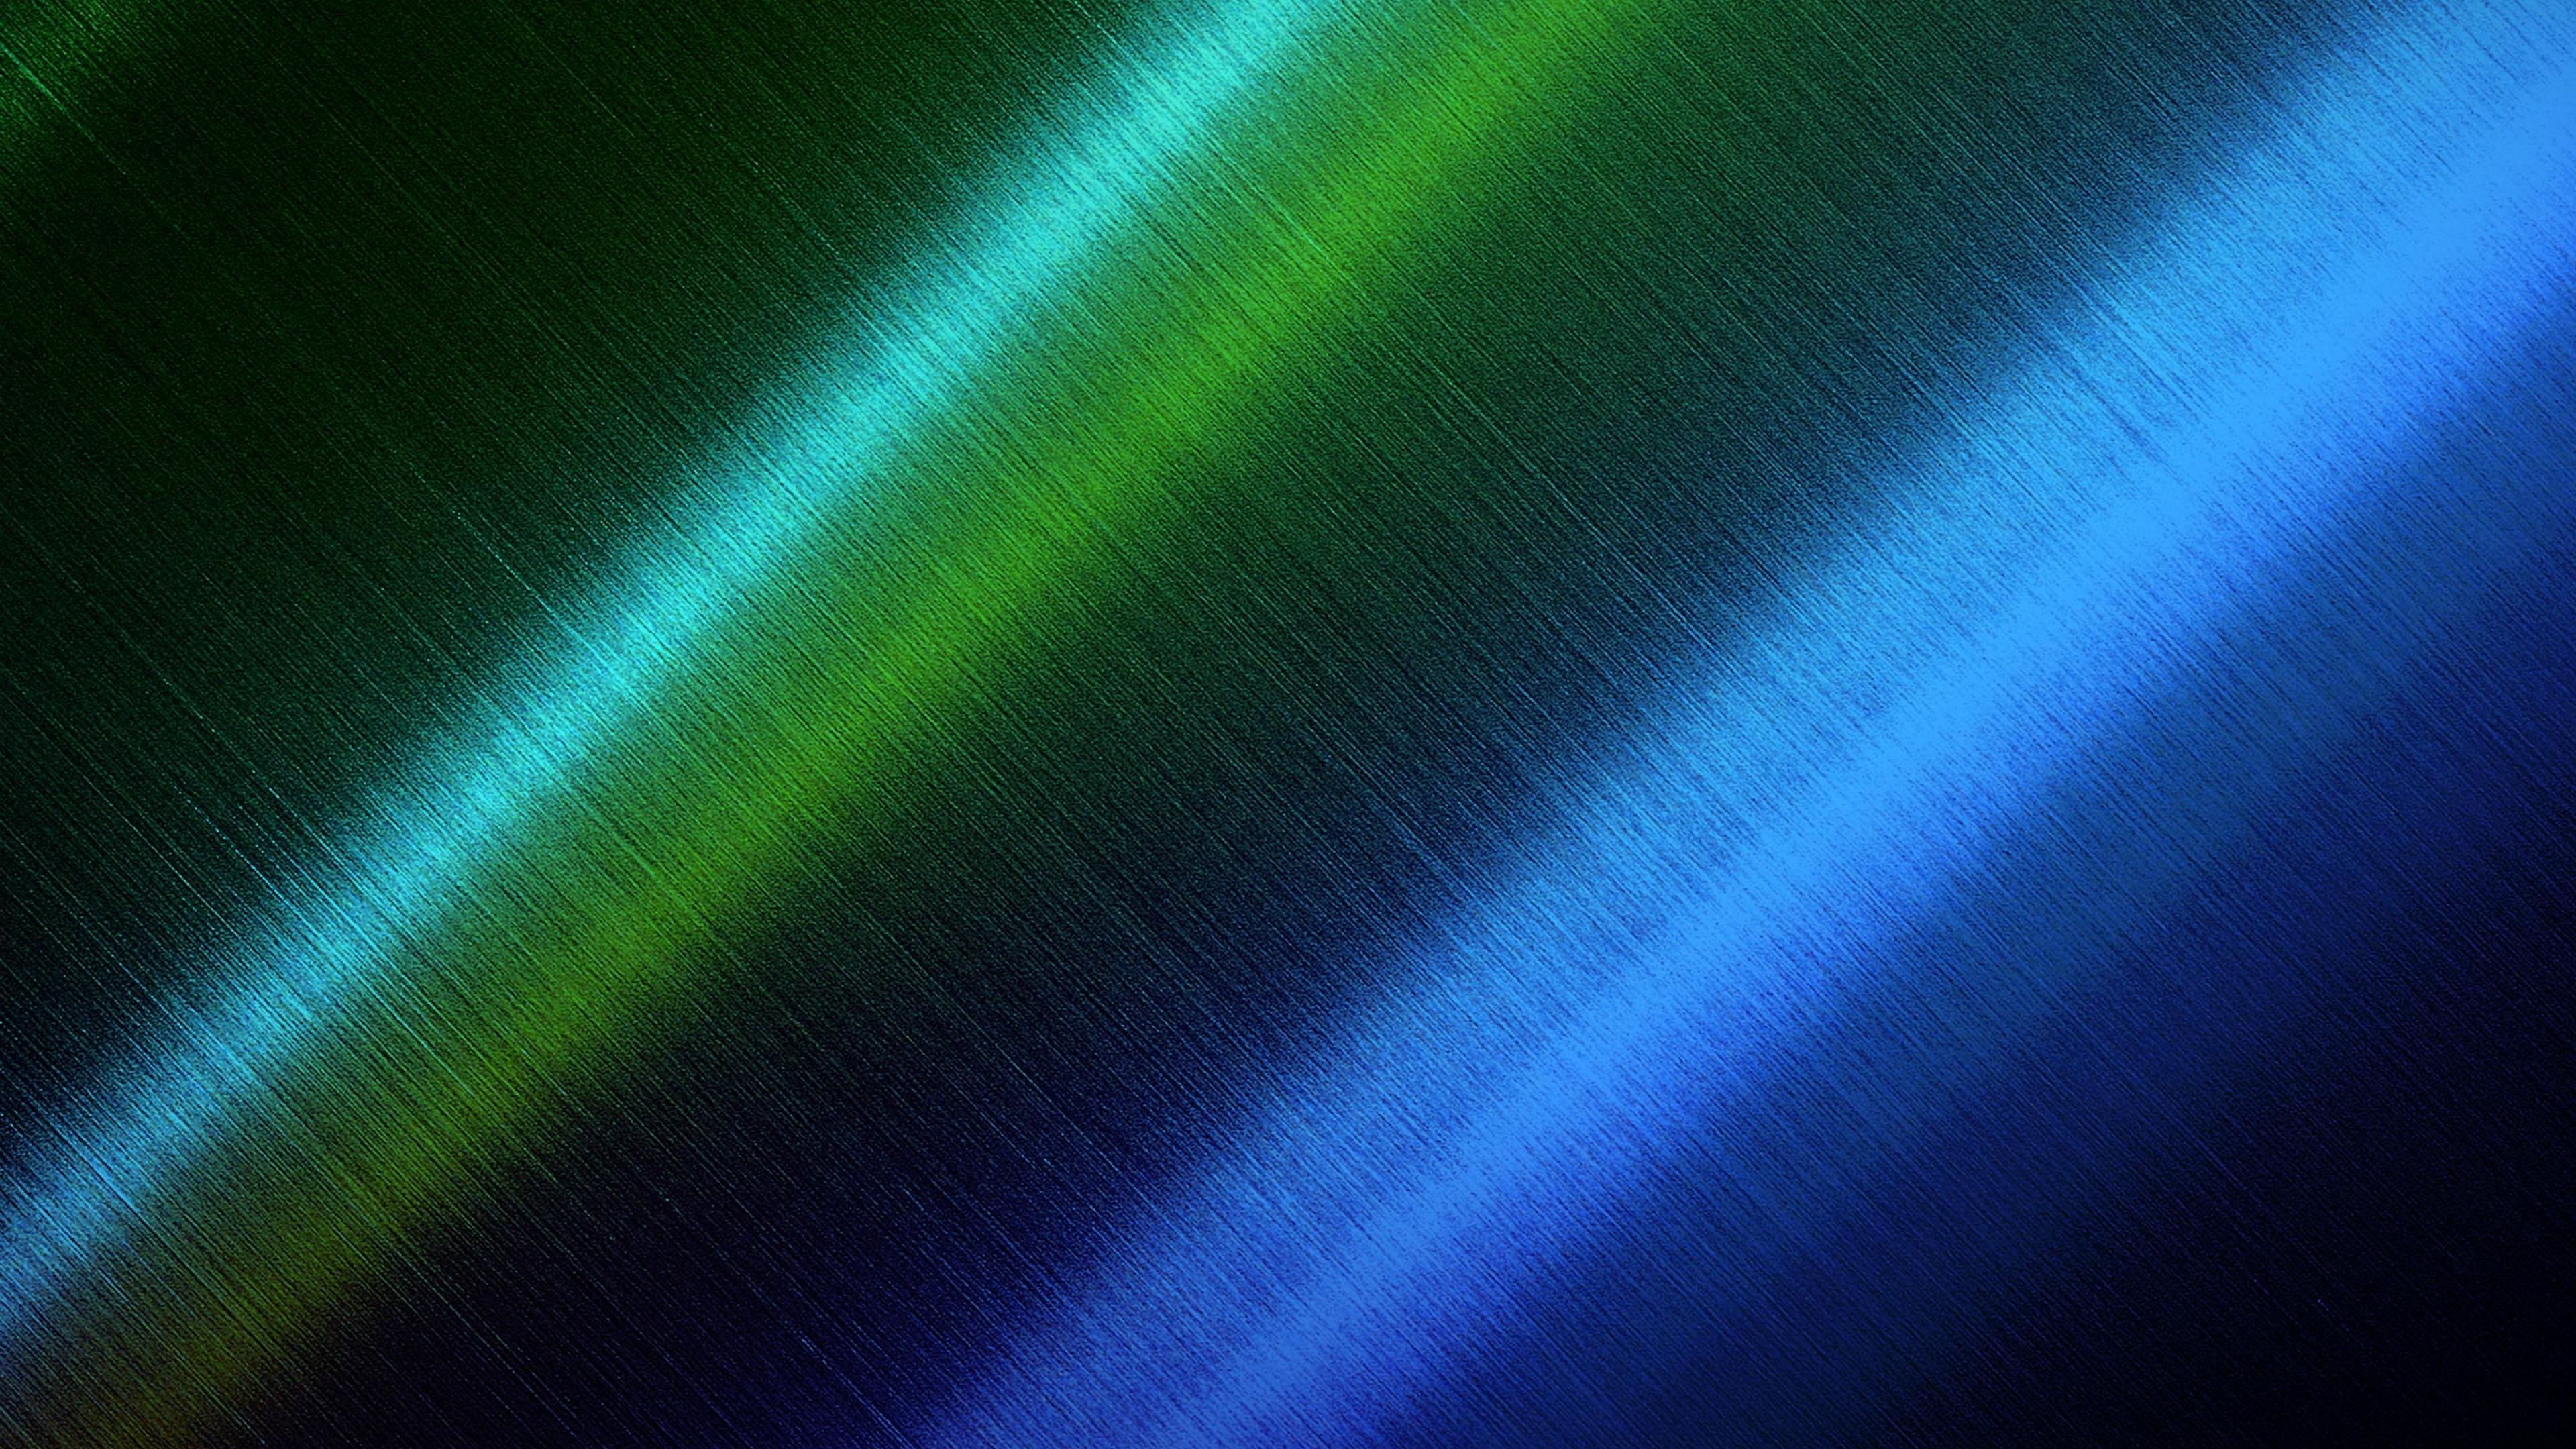 Свечение голубовато-синих и зеленых полос на черном фоне